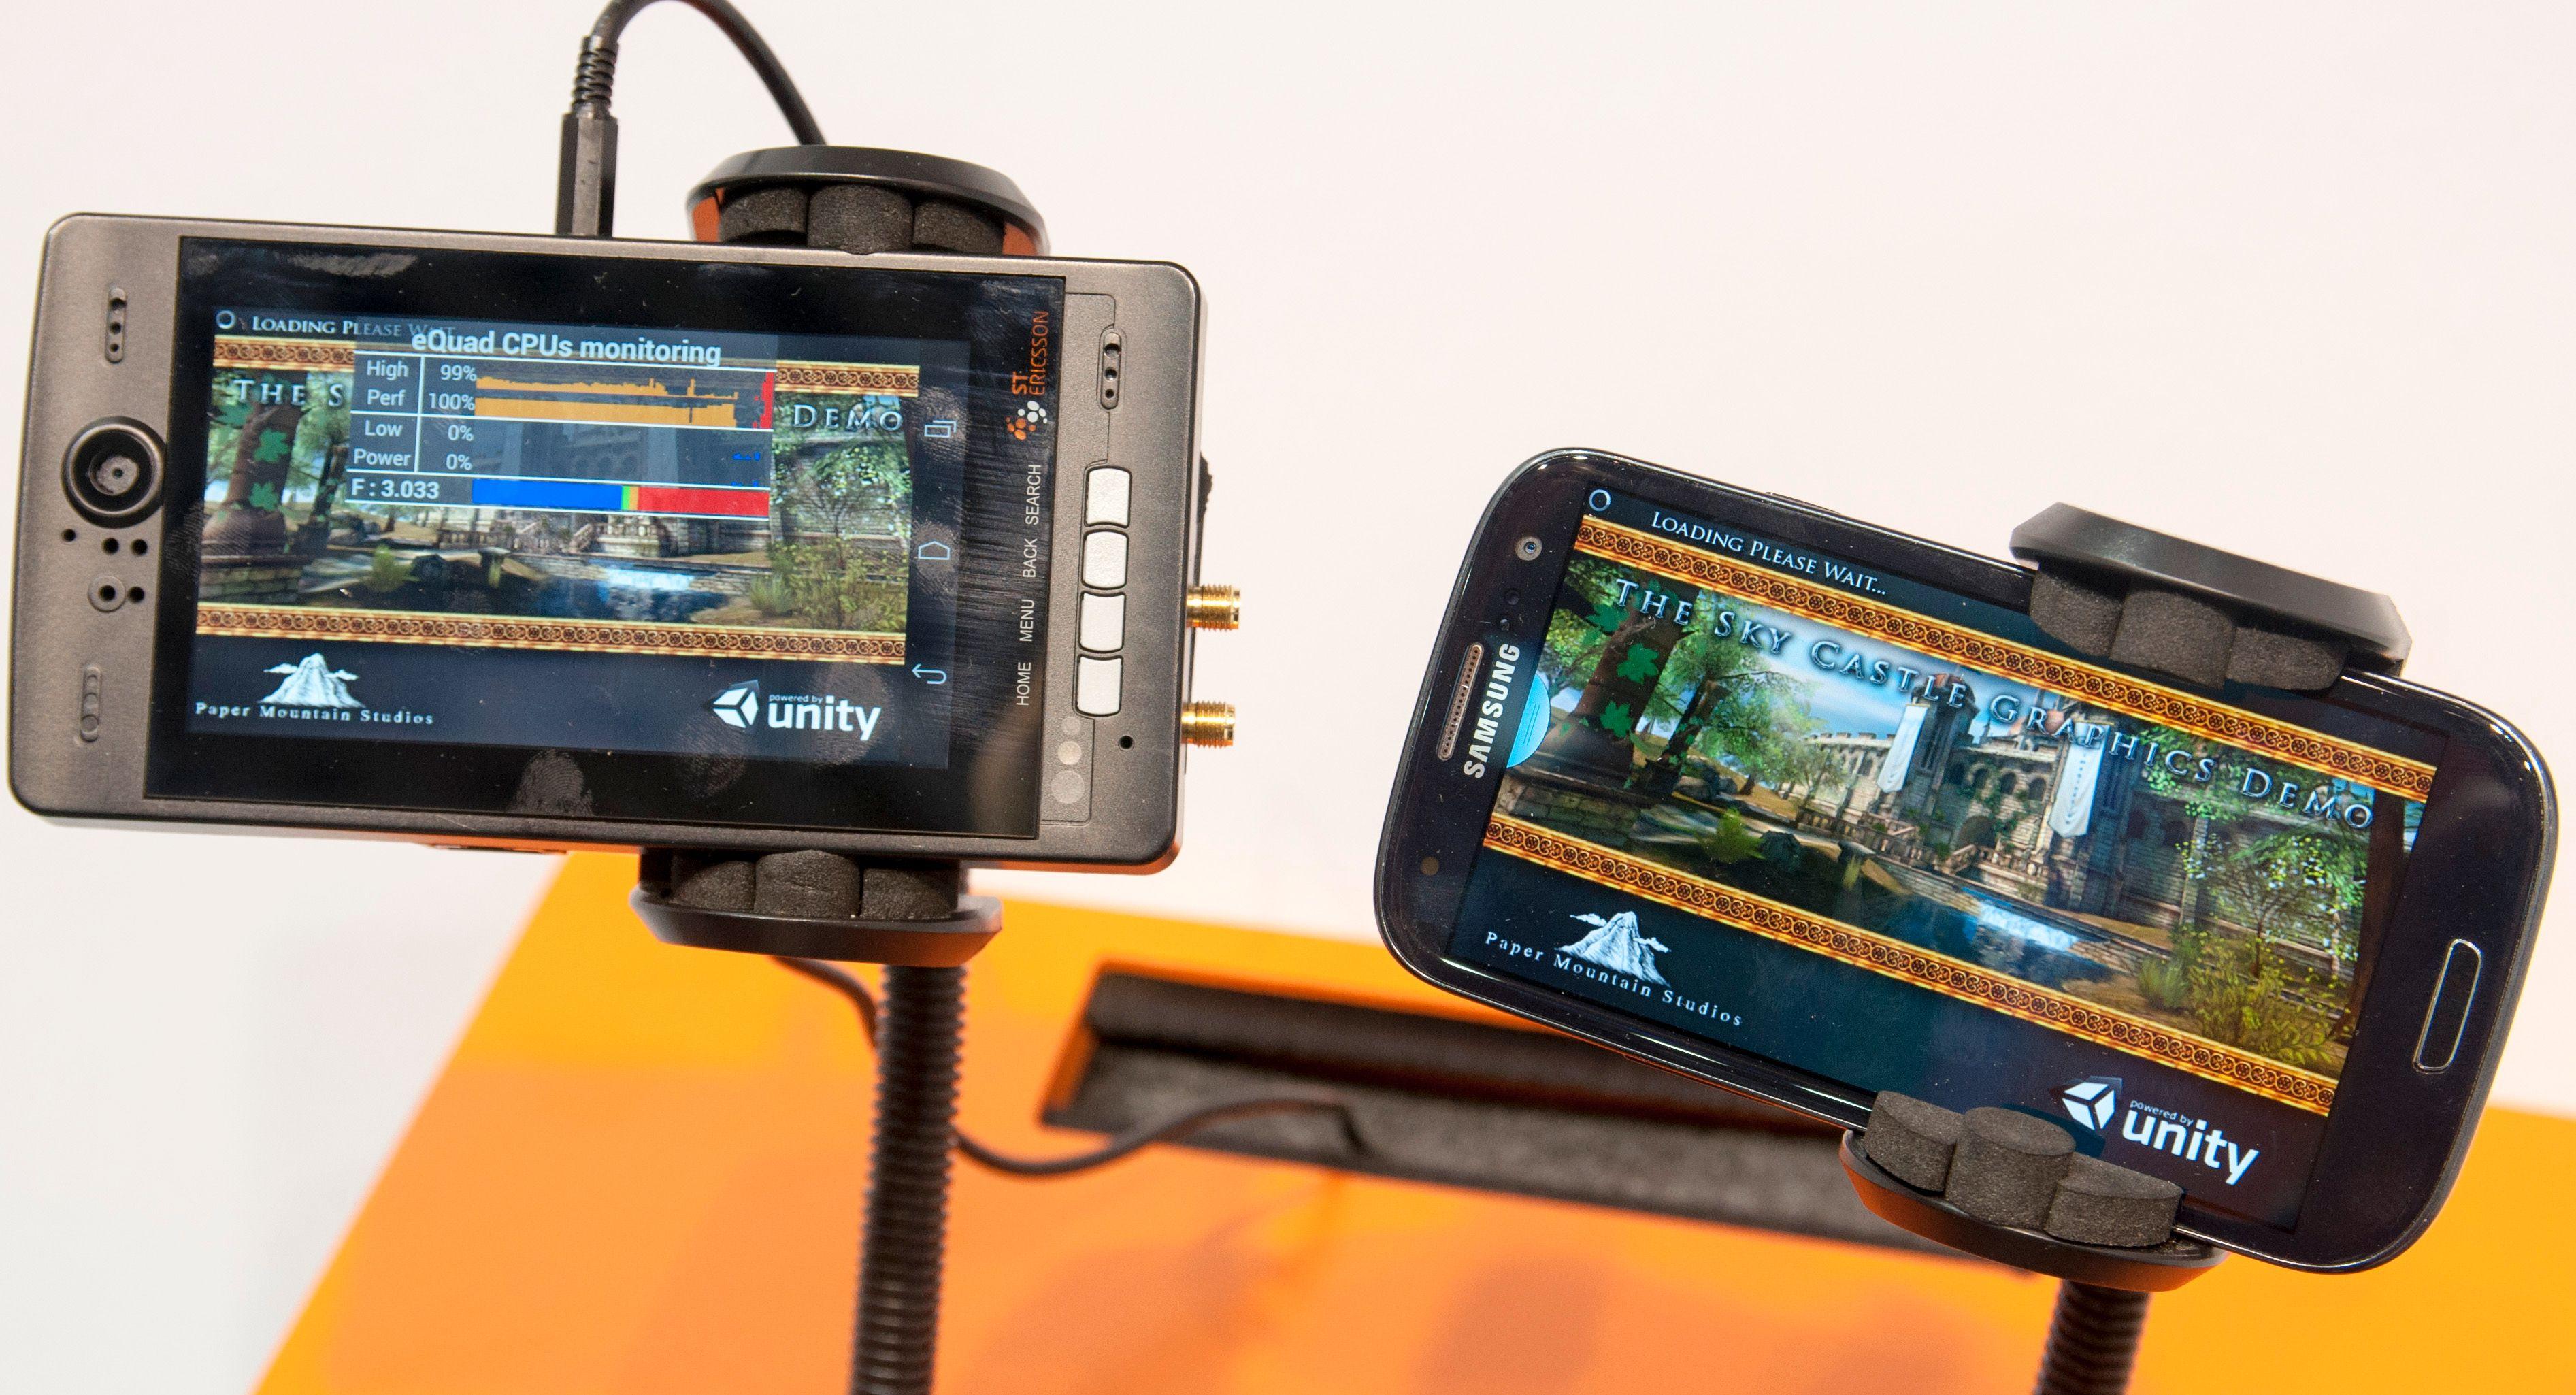 Med 3 GHz under panseret løper denne fra Galaxy S III